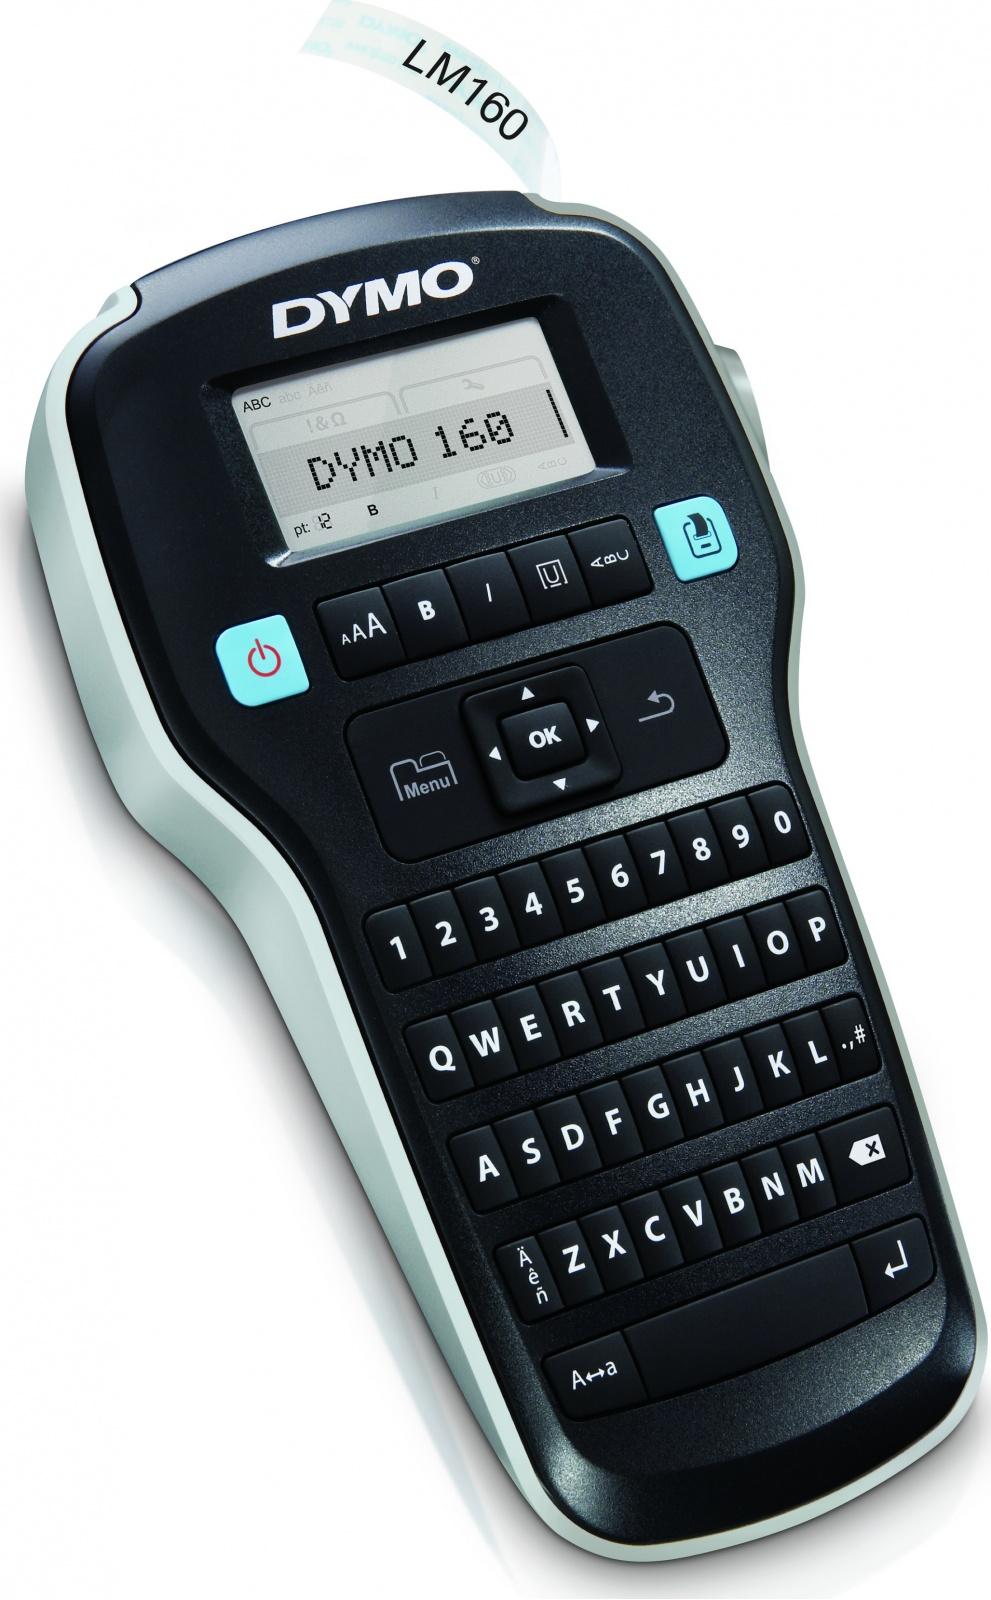 a3aa15c99a Štítkovač Dymo LabelManager 160 od 821 Kč